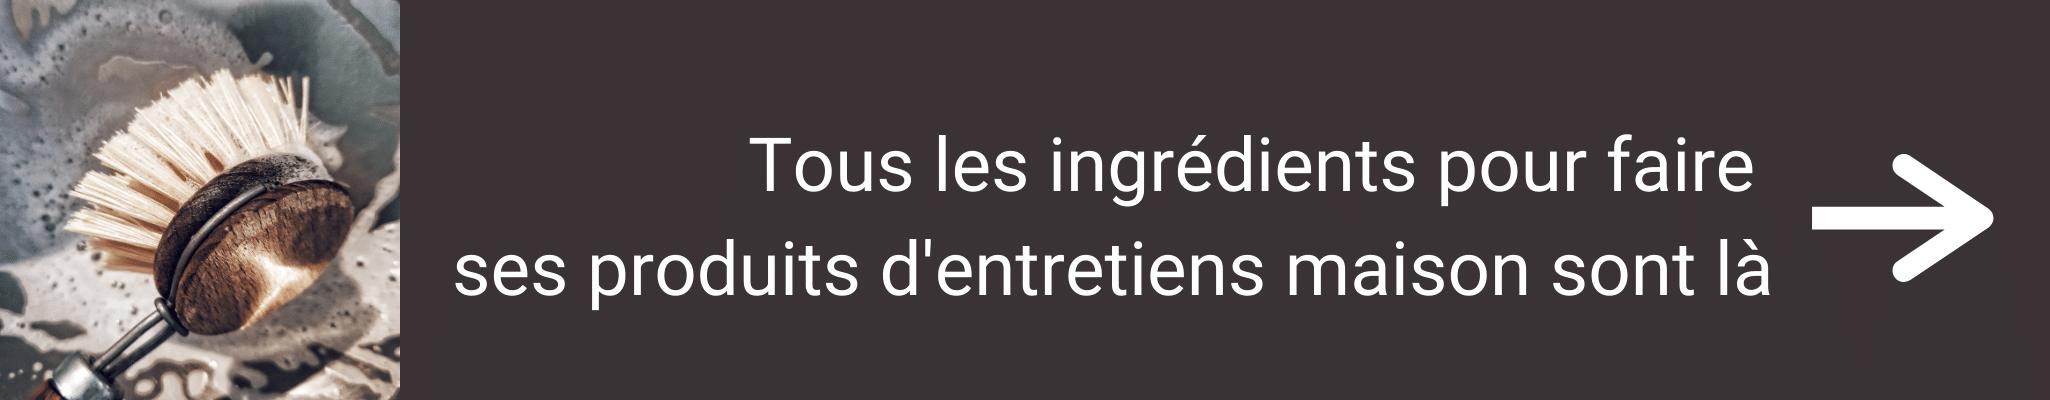 produits_dentretien_maison_zerodechet